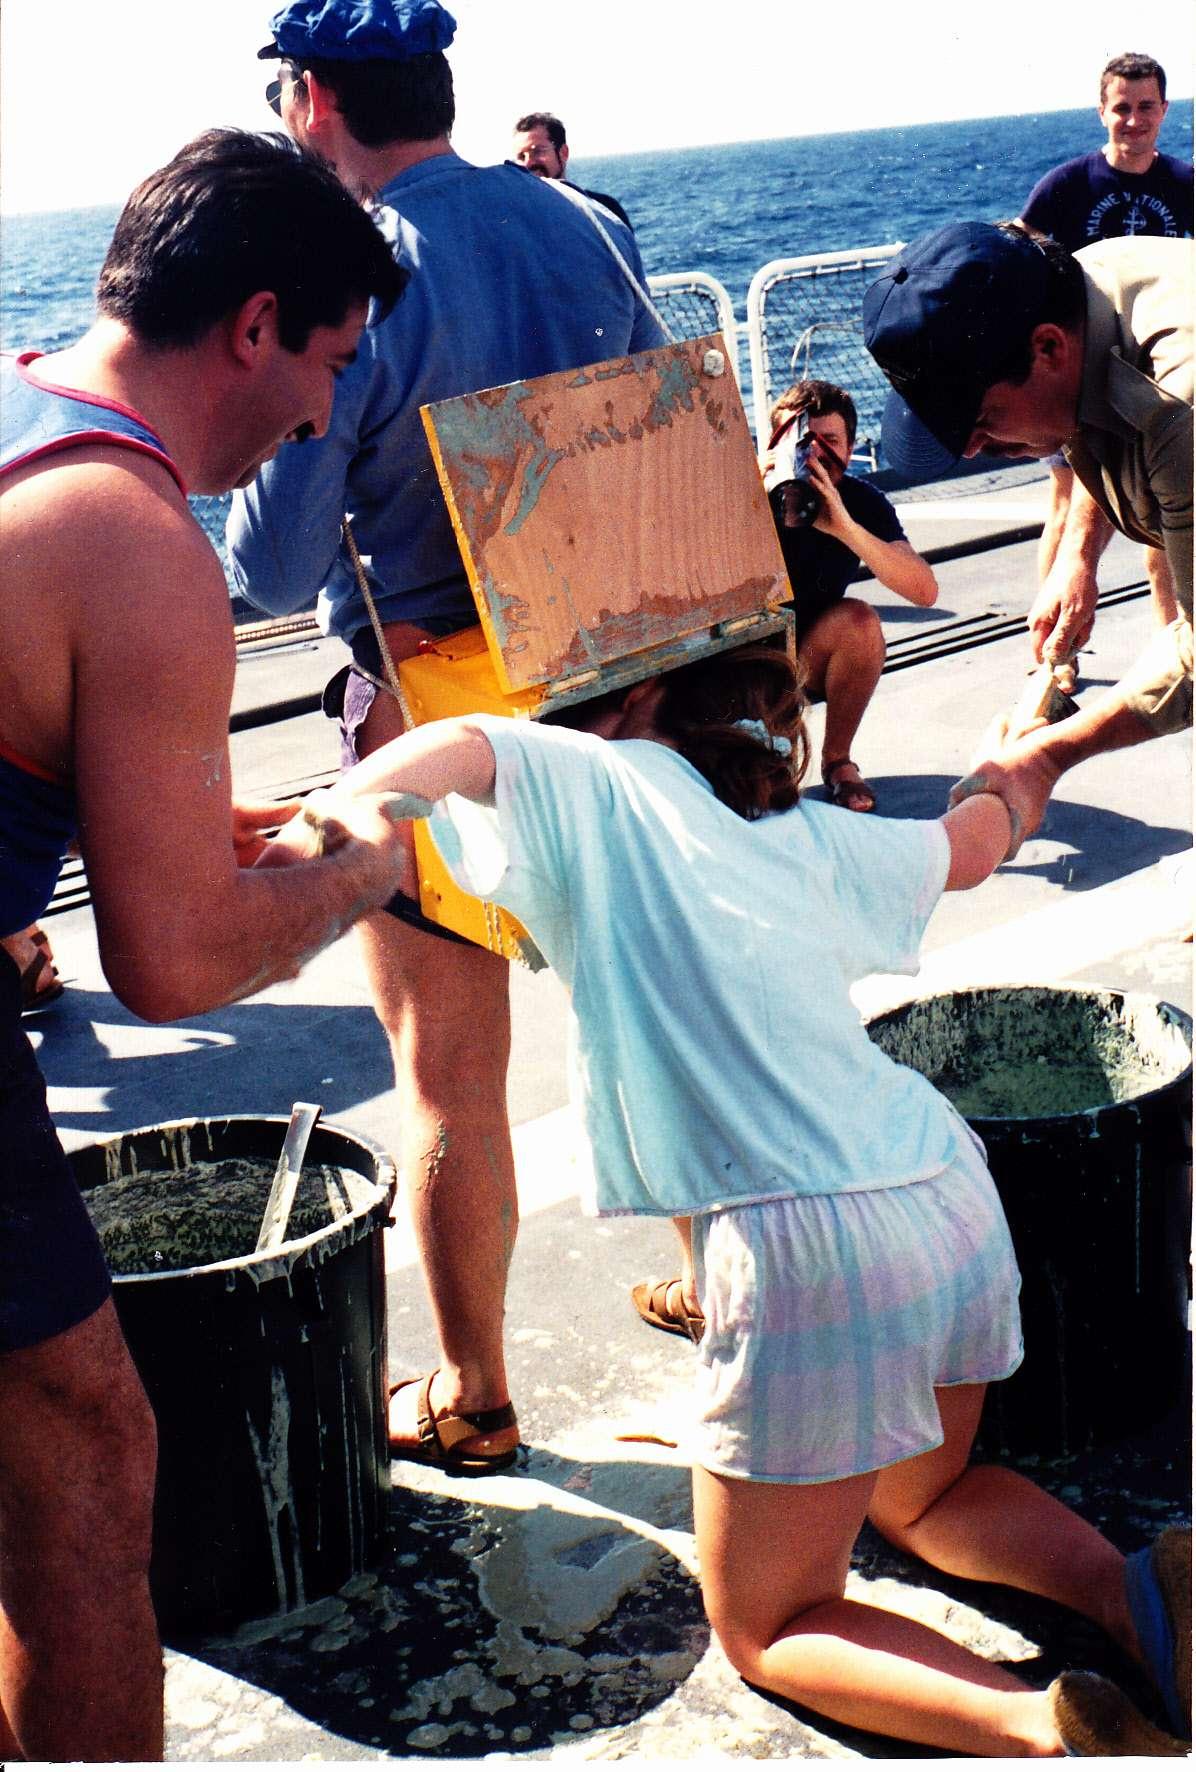 [Les traditions dans la Marine] Tradition et festivités mais aussi autres occupations à bord Img12